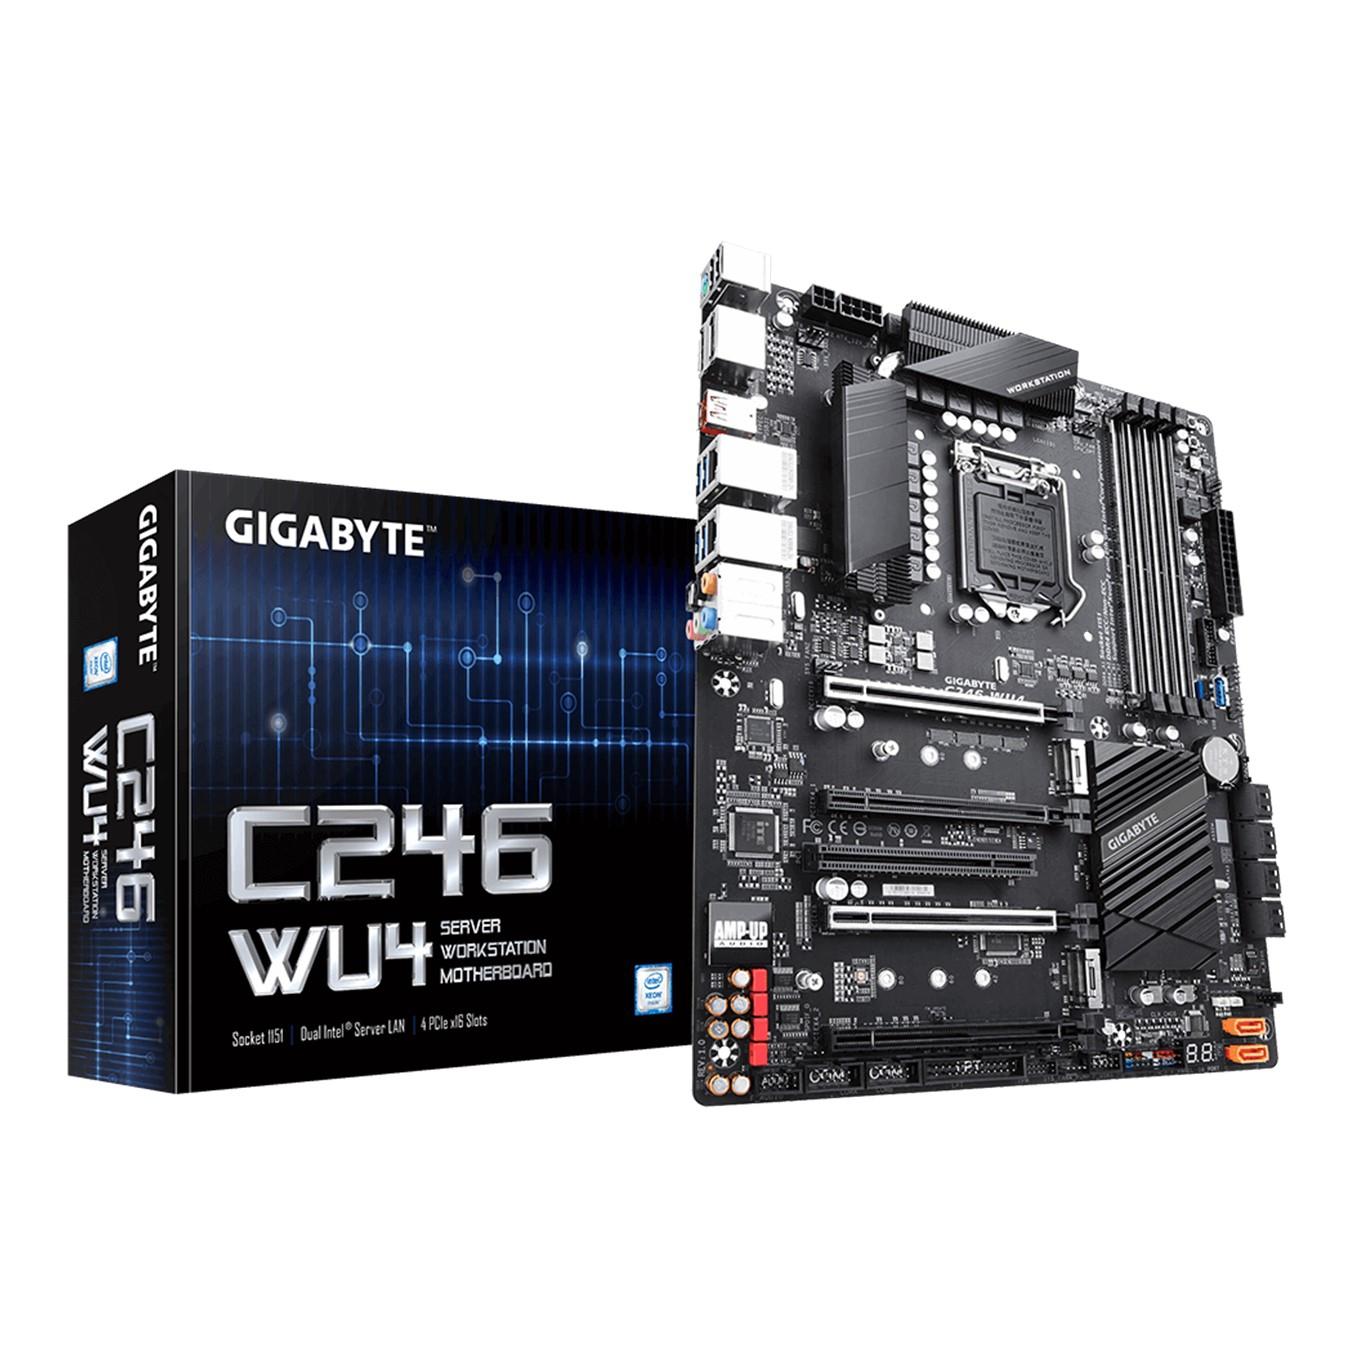 C246-WU4